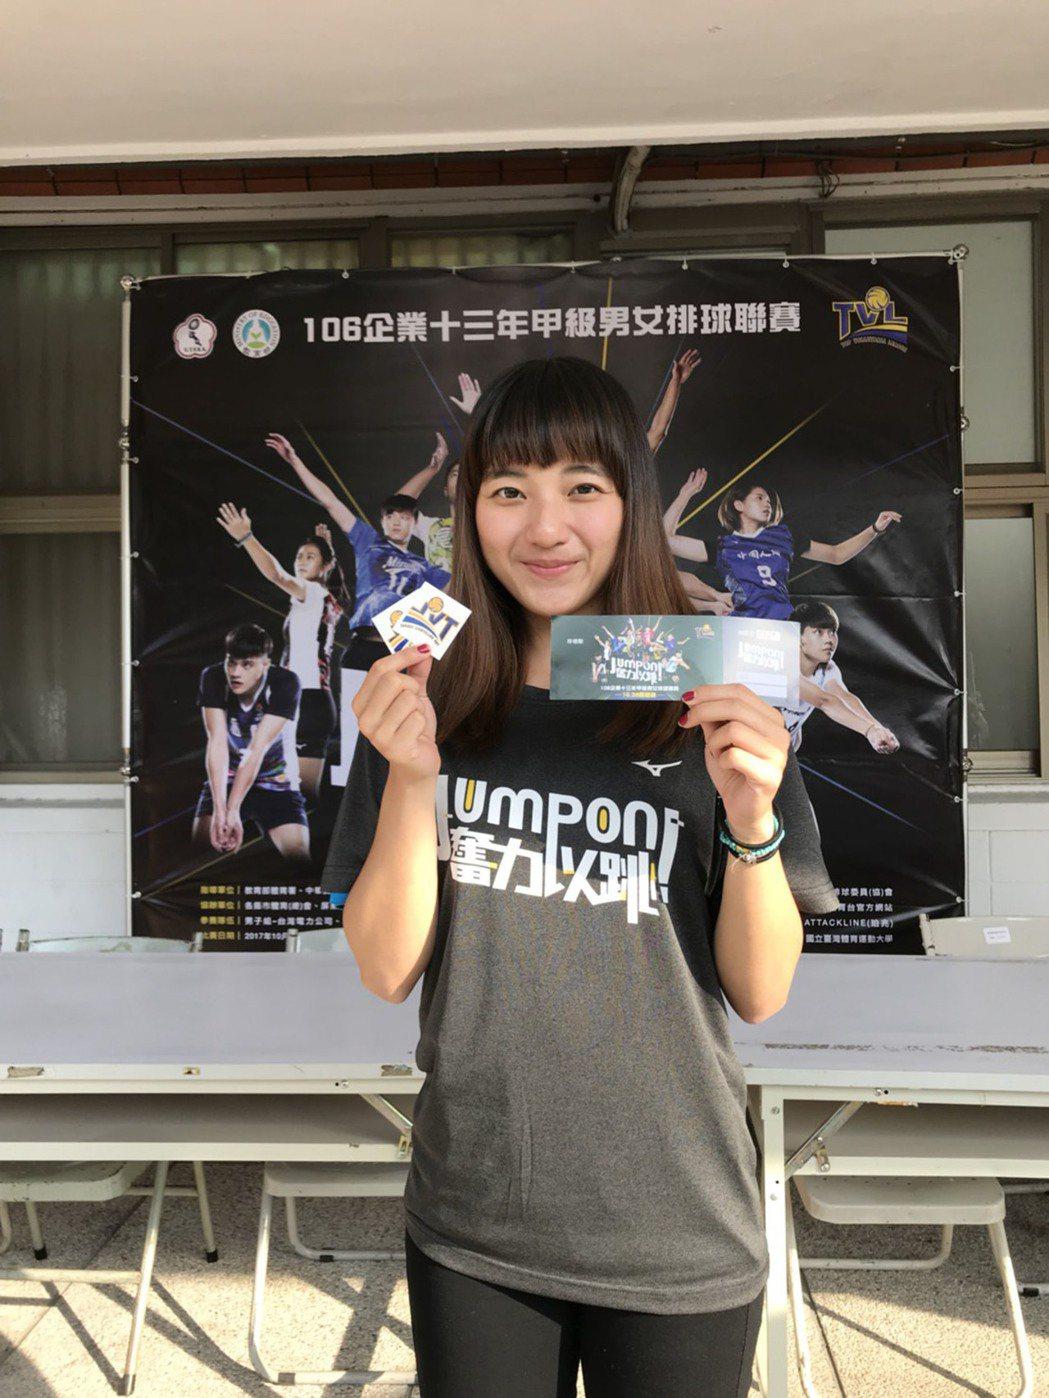 106年企業13年甲級男女排球聯賽28日在台中的台灣體育運動大學體育館點燃戰火,...